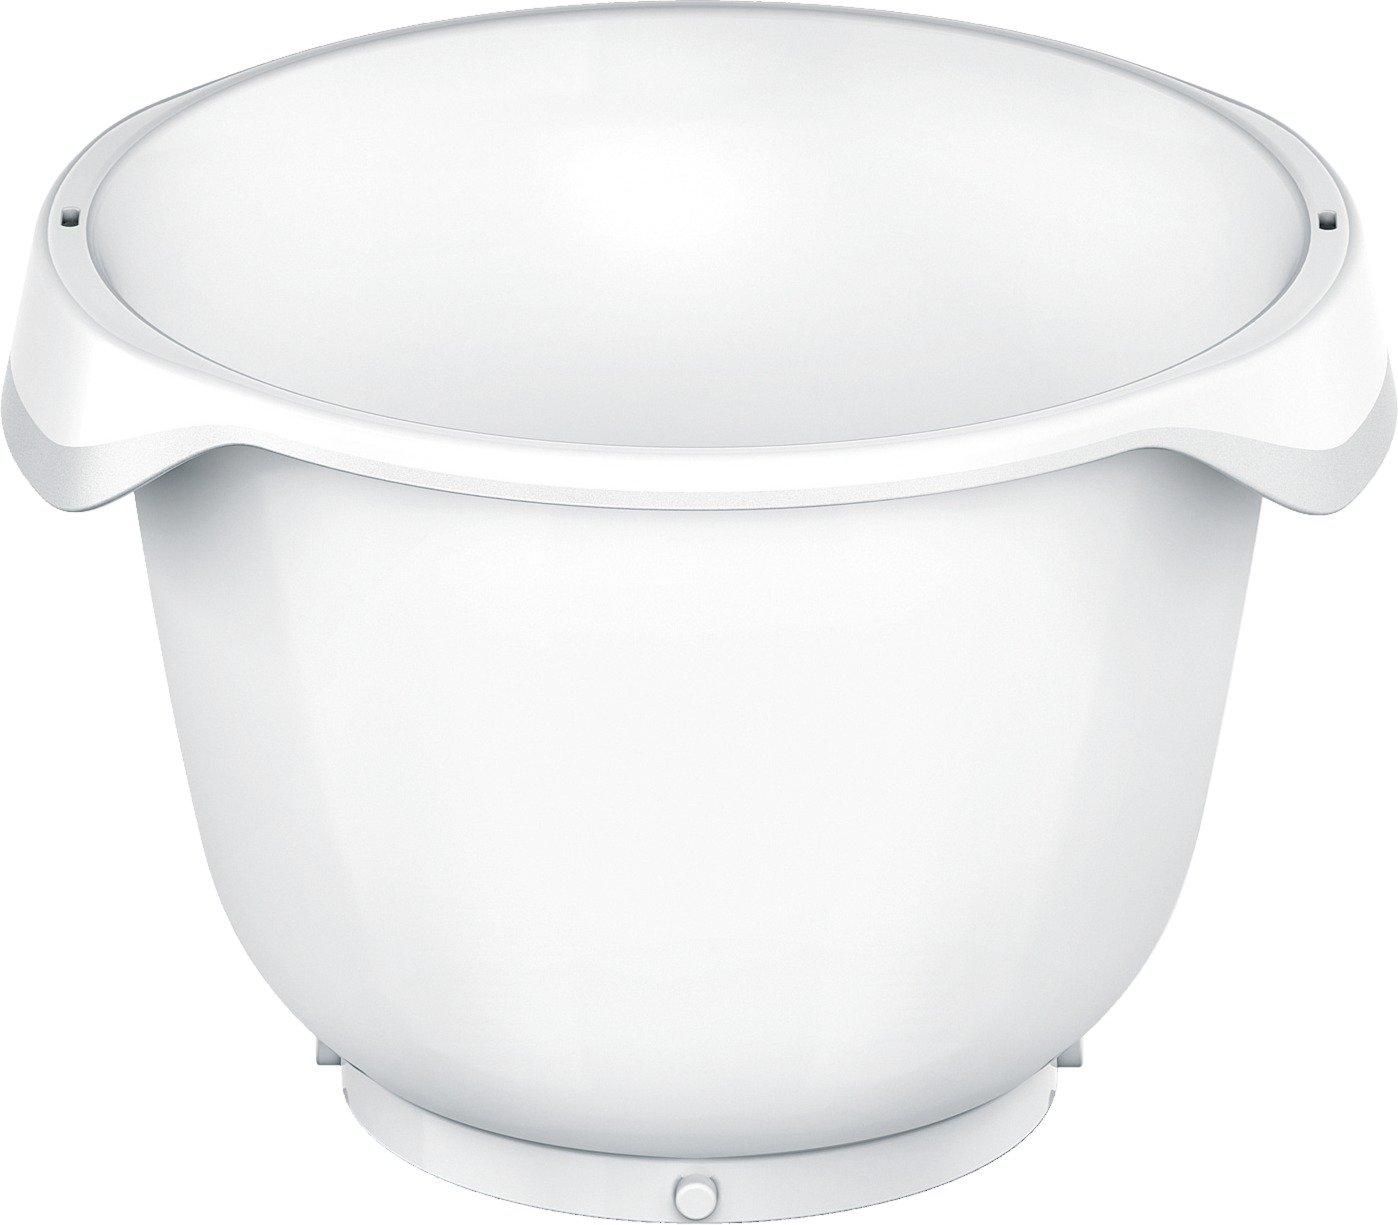 Bosch MUZ9KR1 - Bol plástico alta resistencia, accesorio opcional para robots de cocina OptiMUM, 5.5